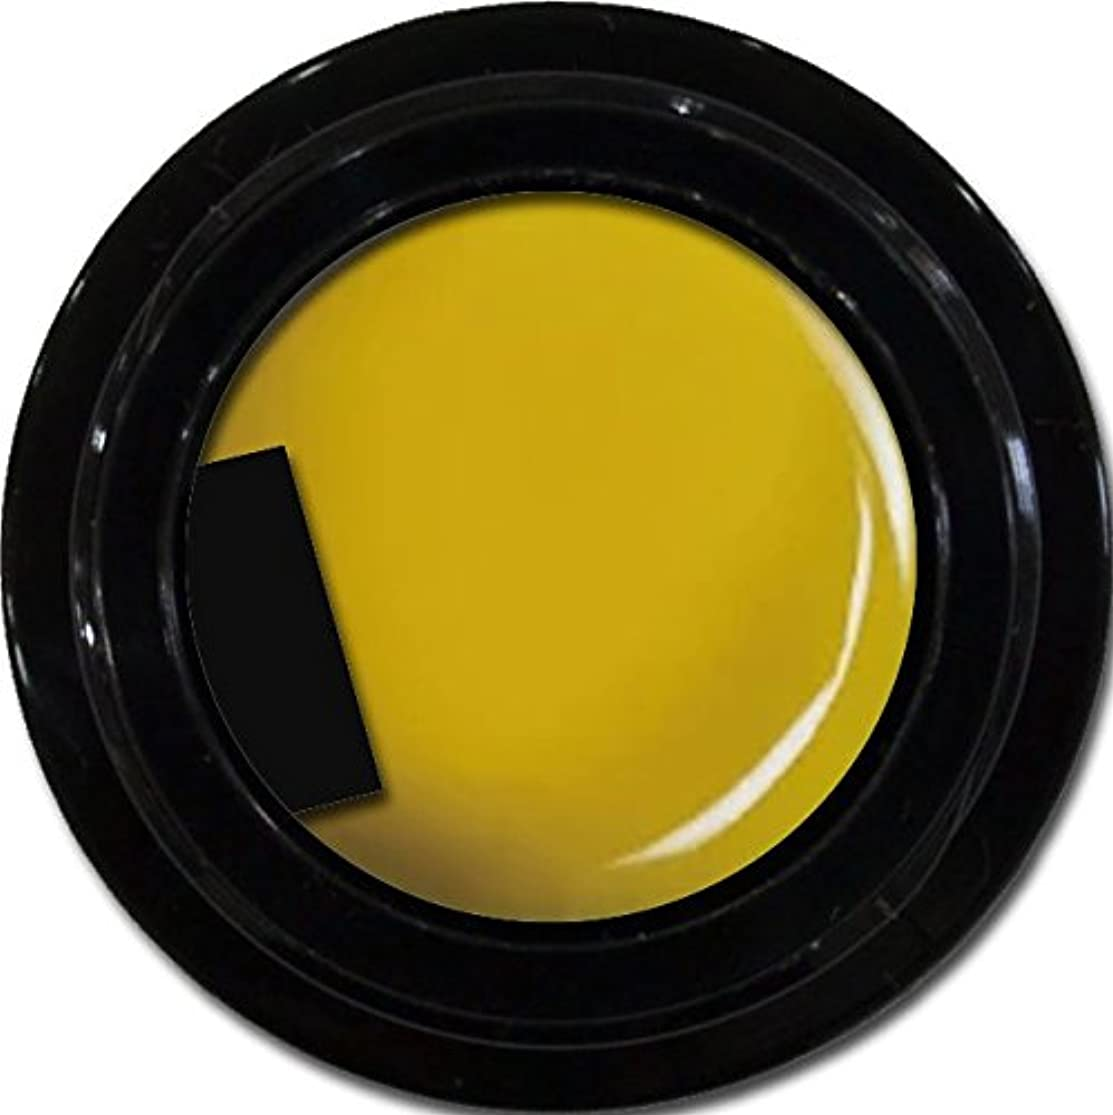 販売計画検体融合カラージェル enchant color gel M604 Mustard 3g/ マットカラージェル M604 マスタード 3グラム